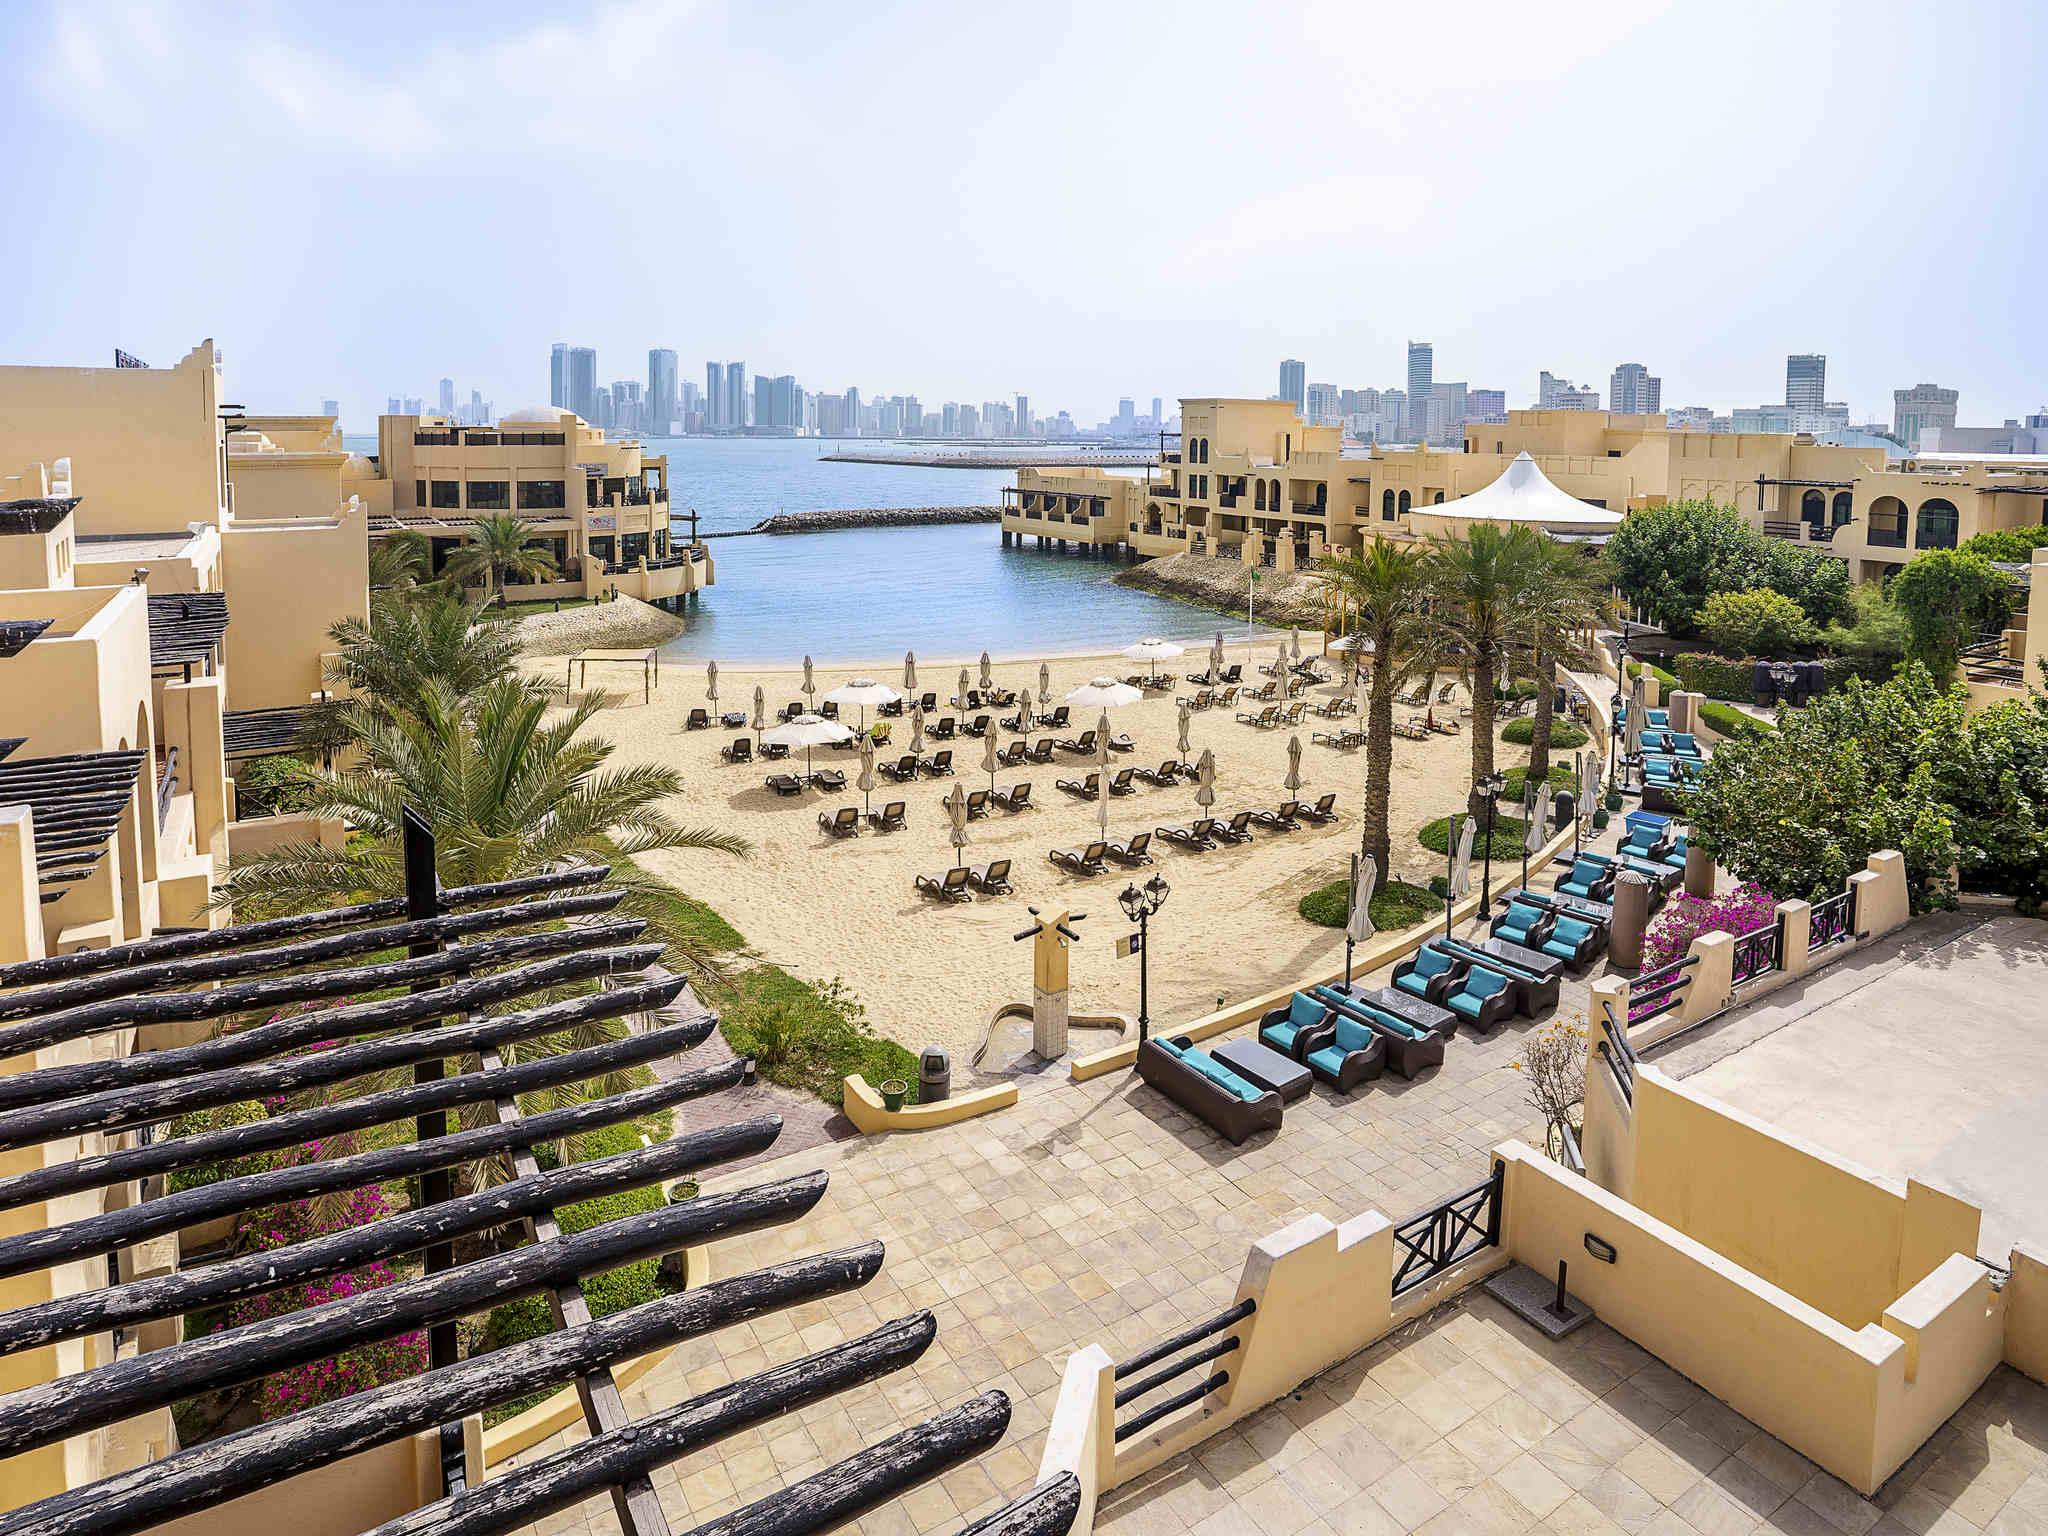 فندق - منتجع نوفوتيل Novotel الدانة البحرين